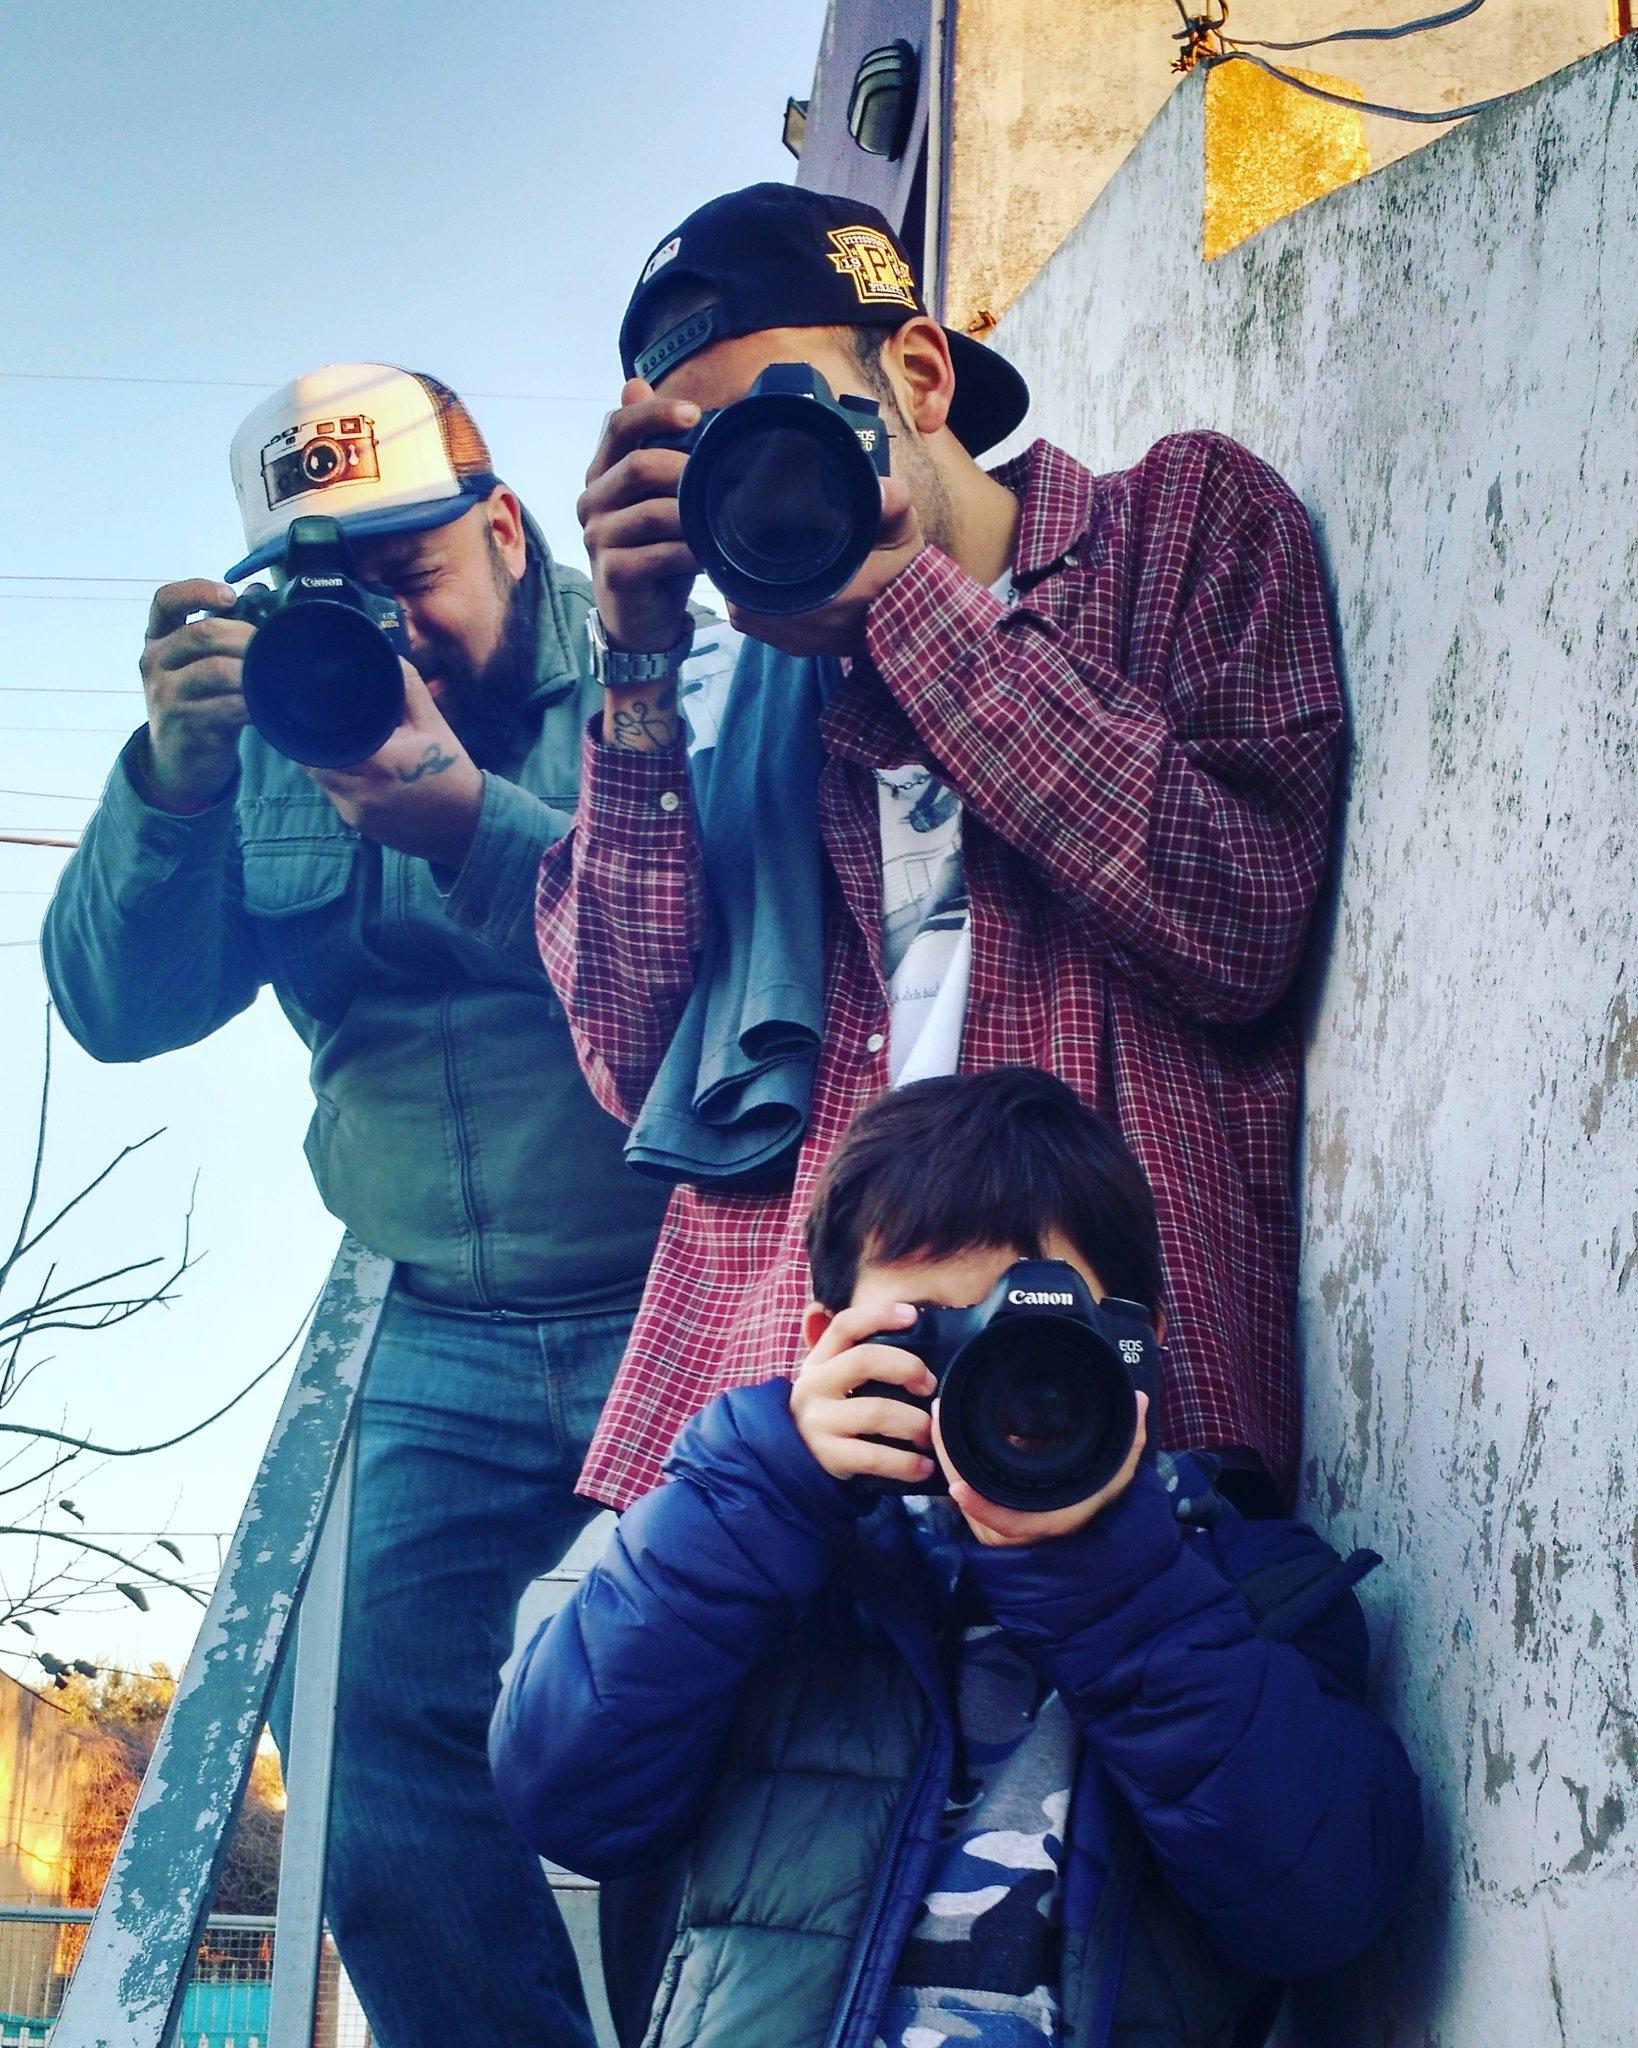 Con mis hijos. @fotodng @blogfotografo @unidosporlafoto @PintoFotografia https://t.co/iy2z9fuZyO